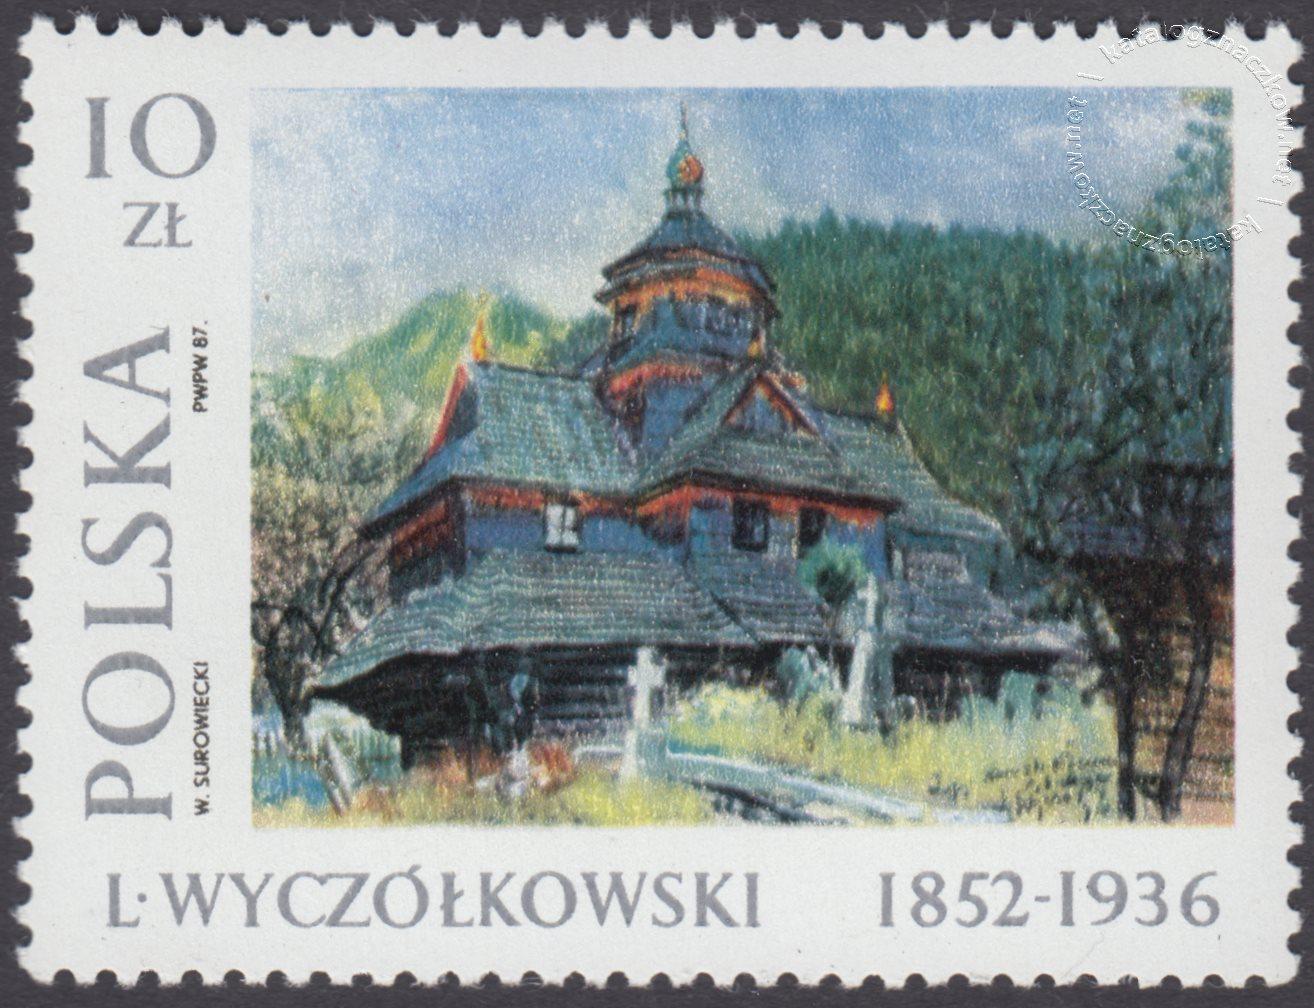 Malarstwo polskie – Leon Wyczółkowski znaczek nr 2935